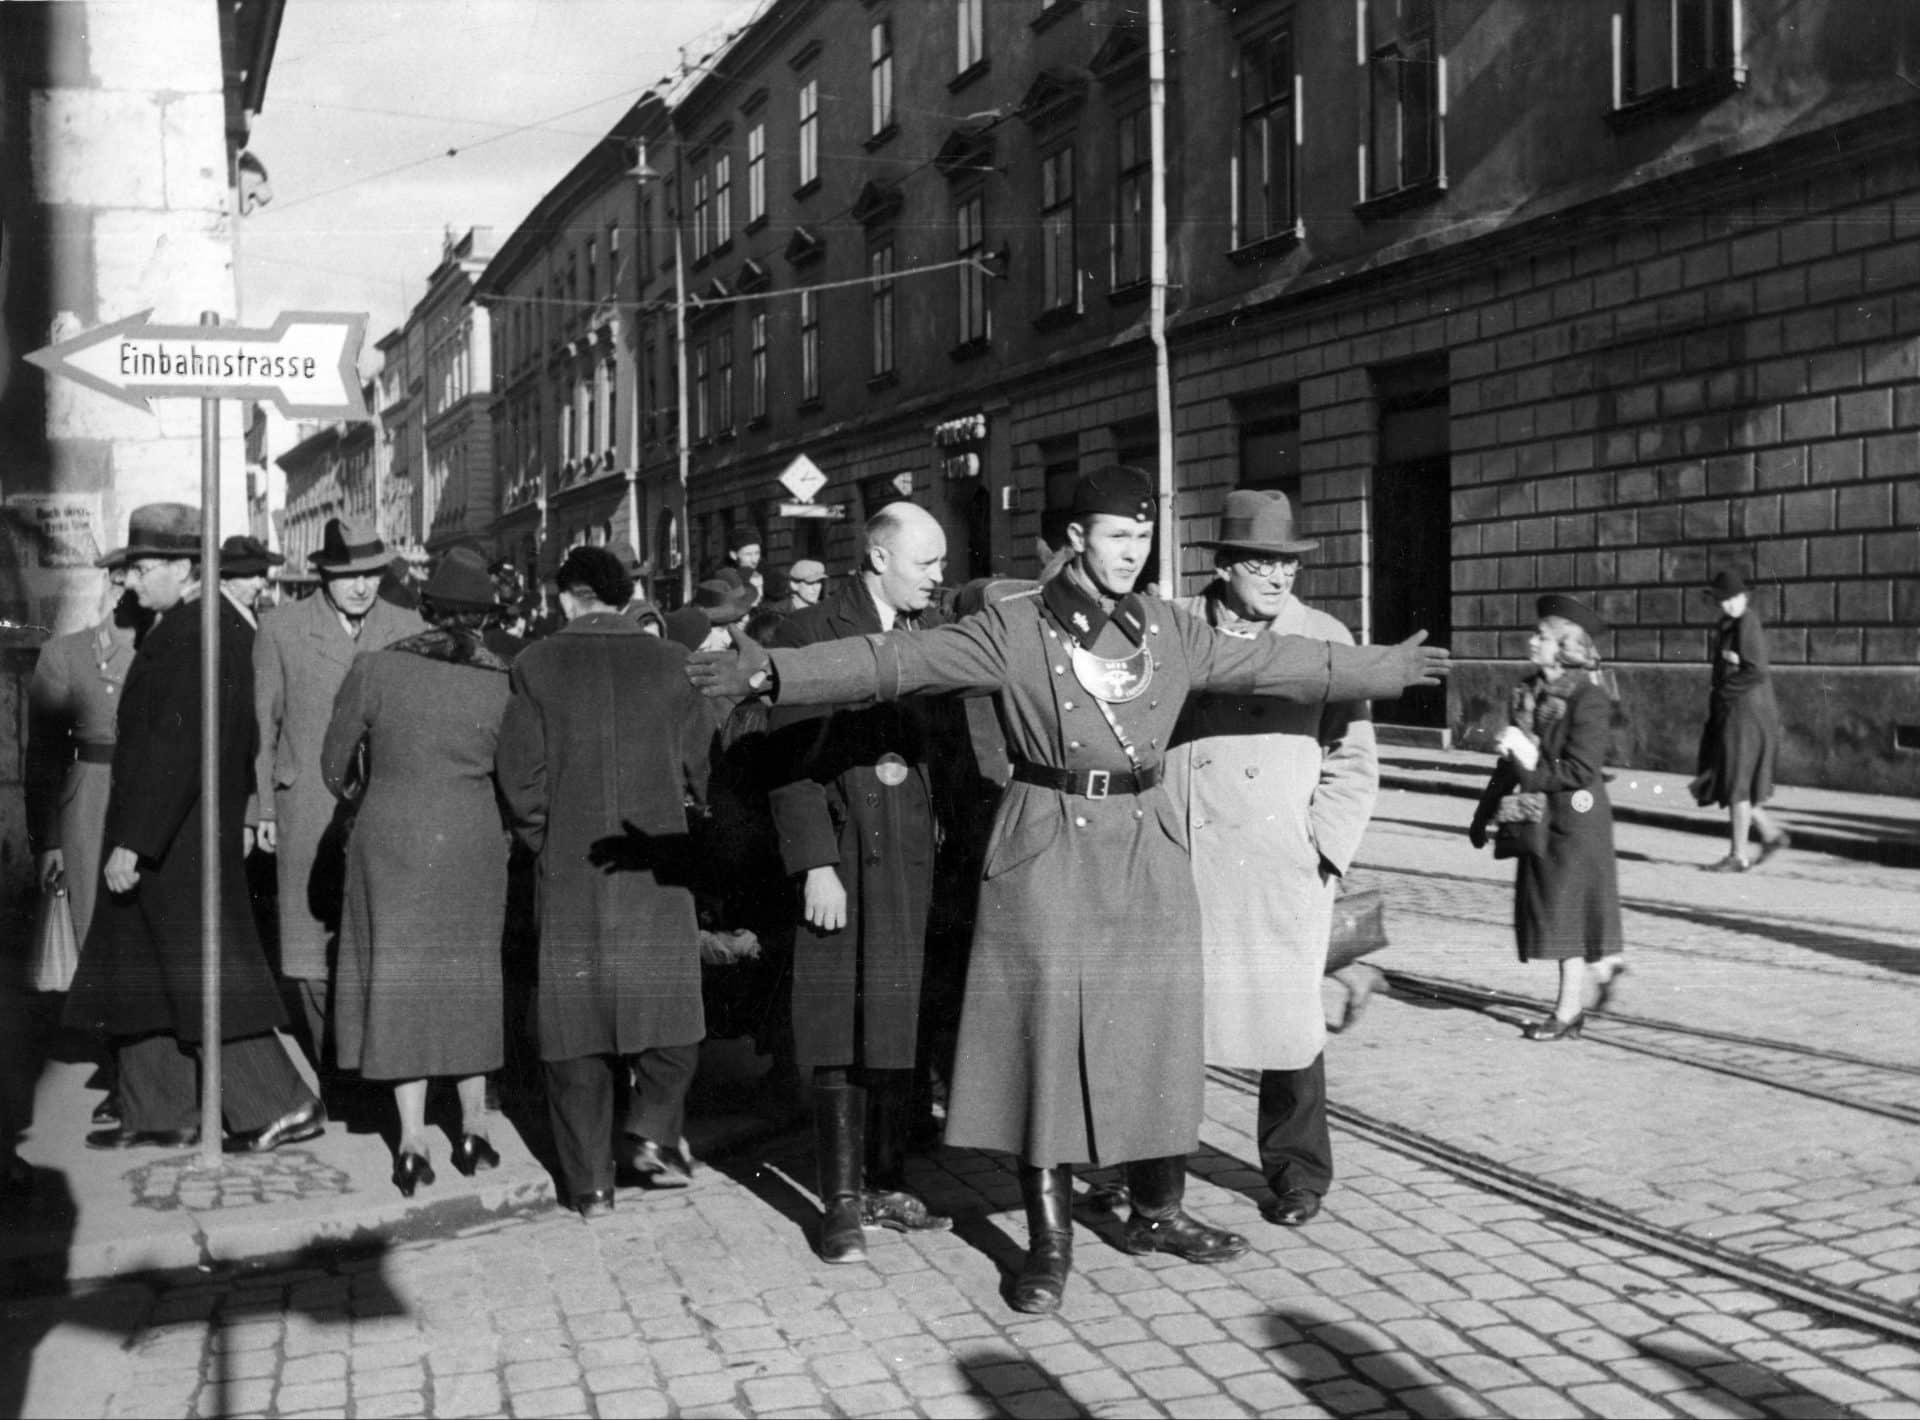 Funkcjonariusz niemieckiej policji pomocniczej podczas pracy. Źródło: Narodowe Archiwum Cyfrowe. Niemiecka okupacja w Krakowie